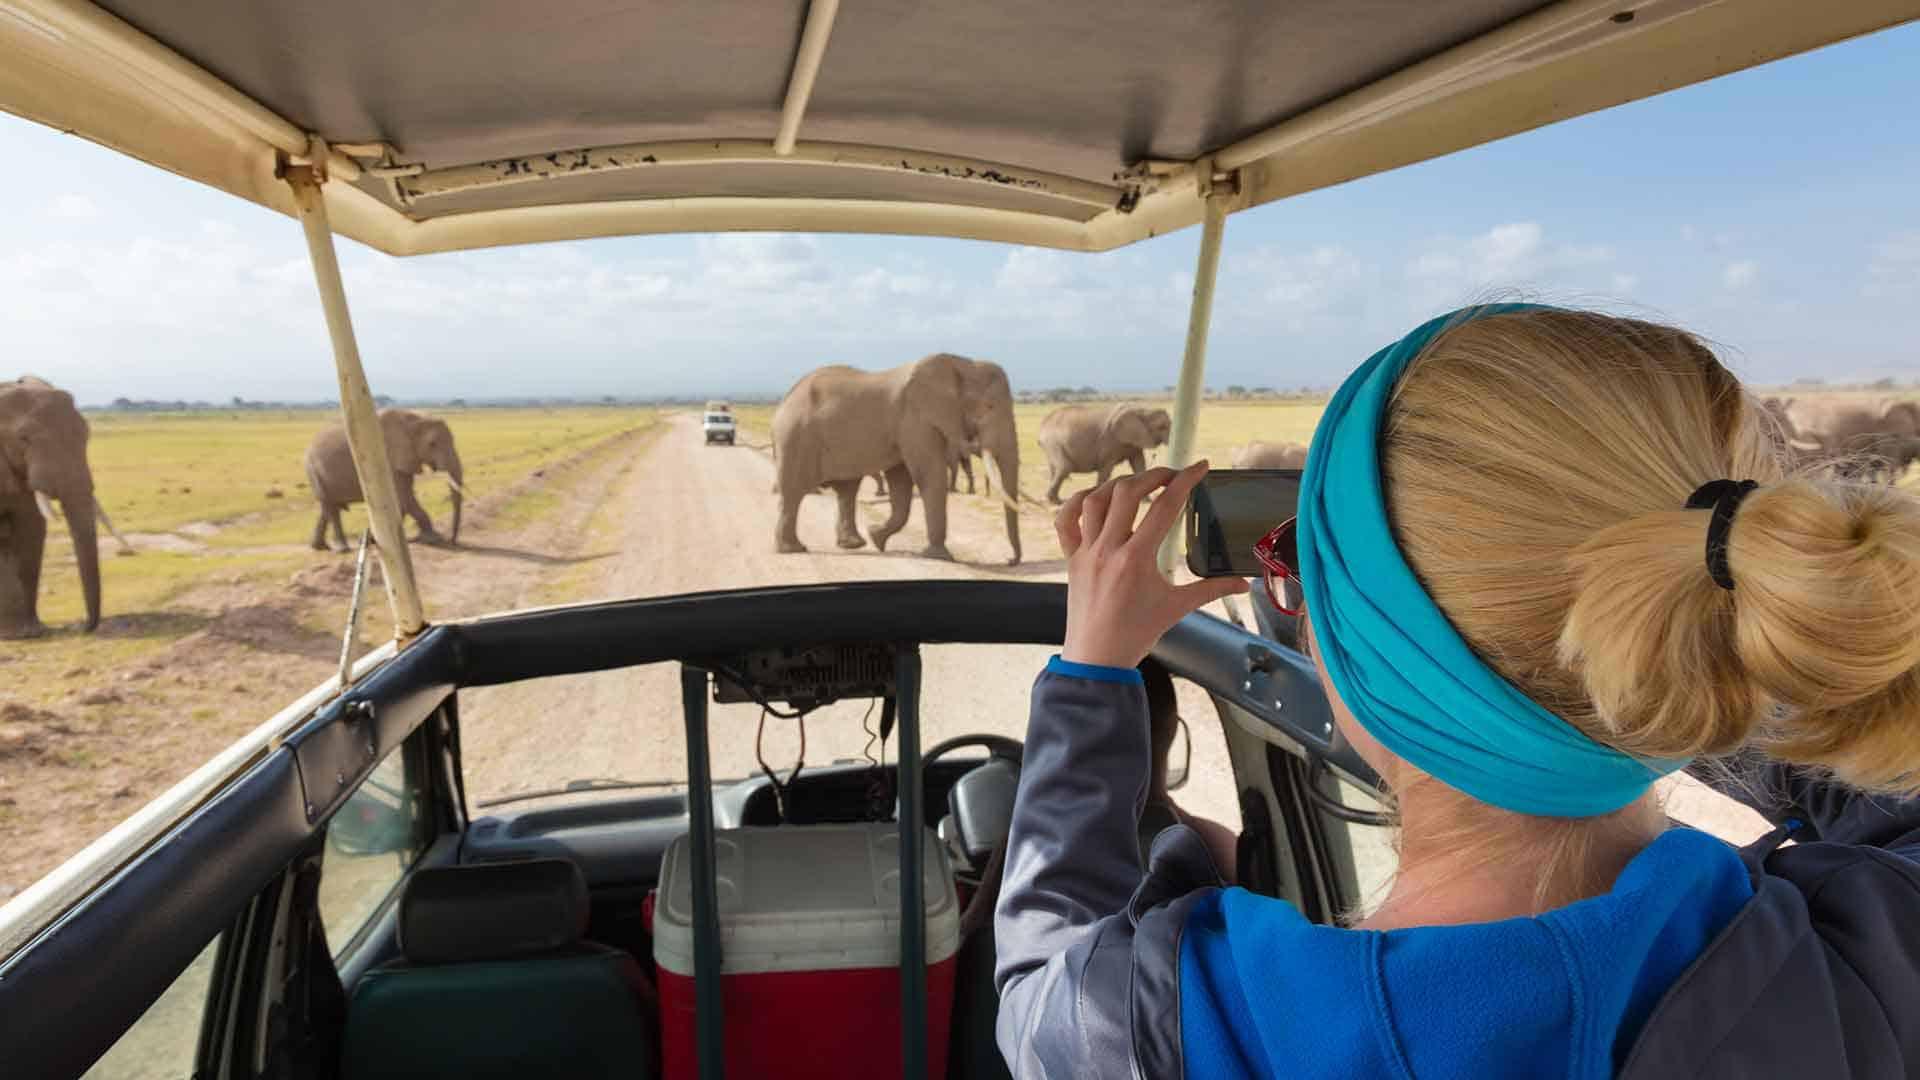 Girl on safari trip to tanzania meeting two elephants on the road